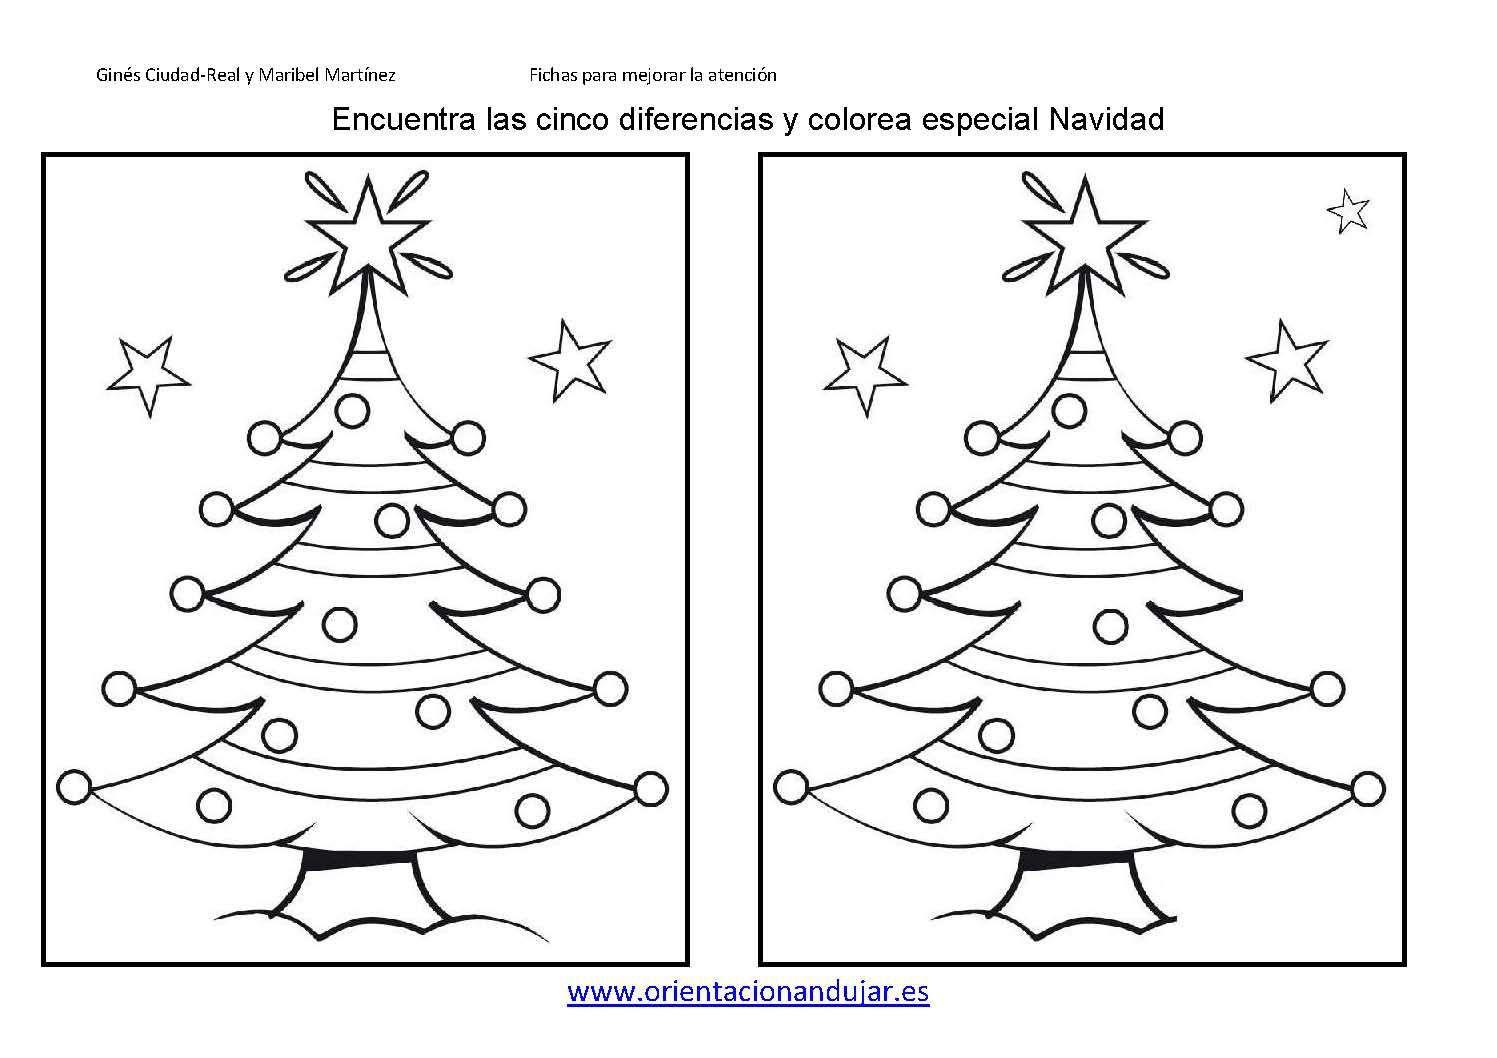 Encuentra Las Diferencias Especial Navidad Ficha 5